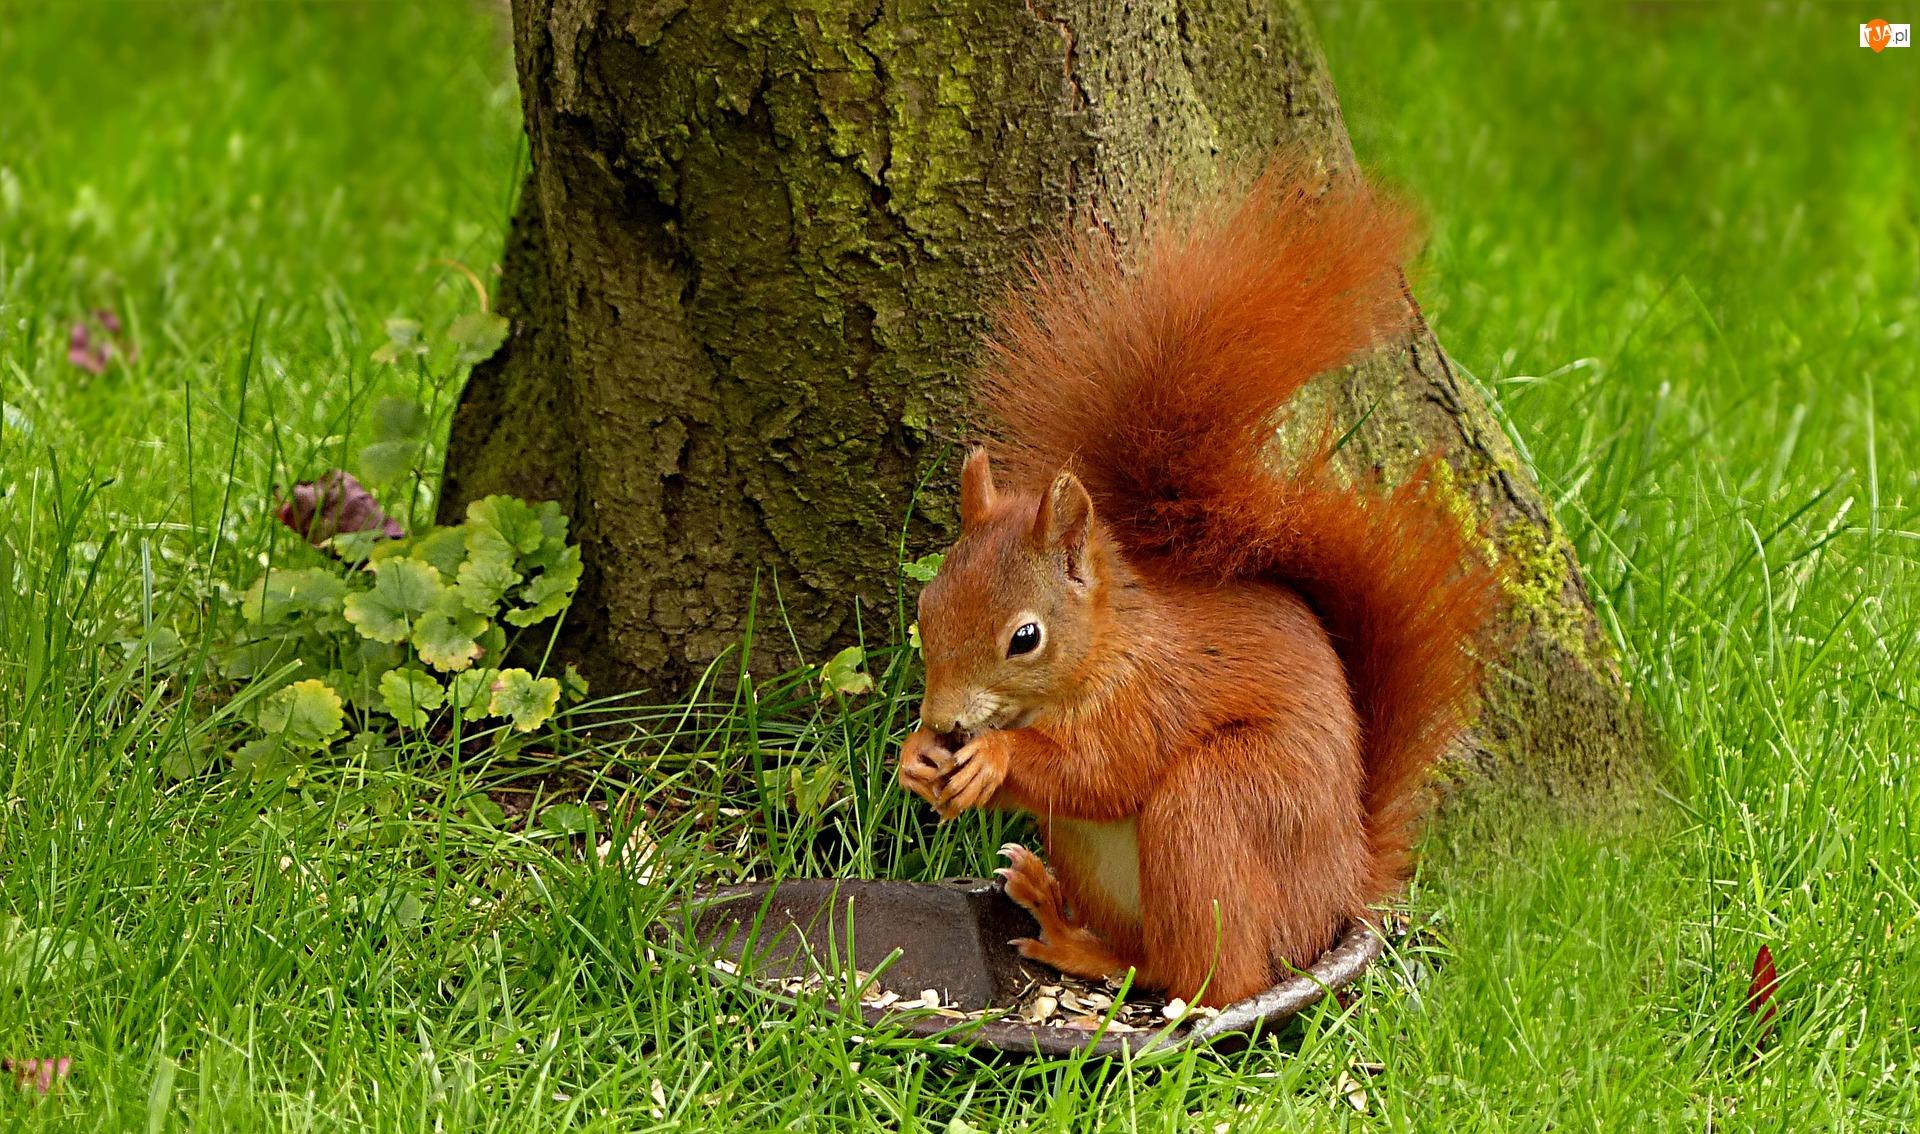 Posiłek, Wiewiórka, Drzewo, Trawa